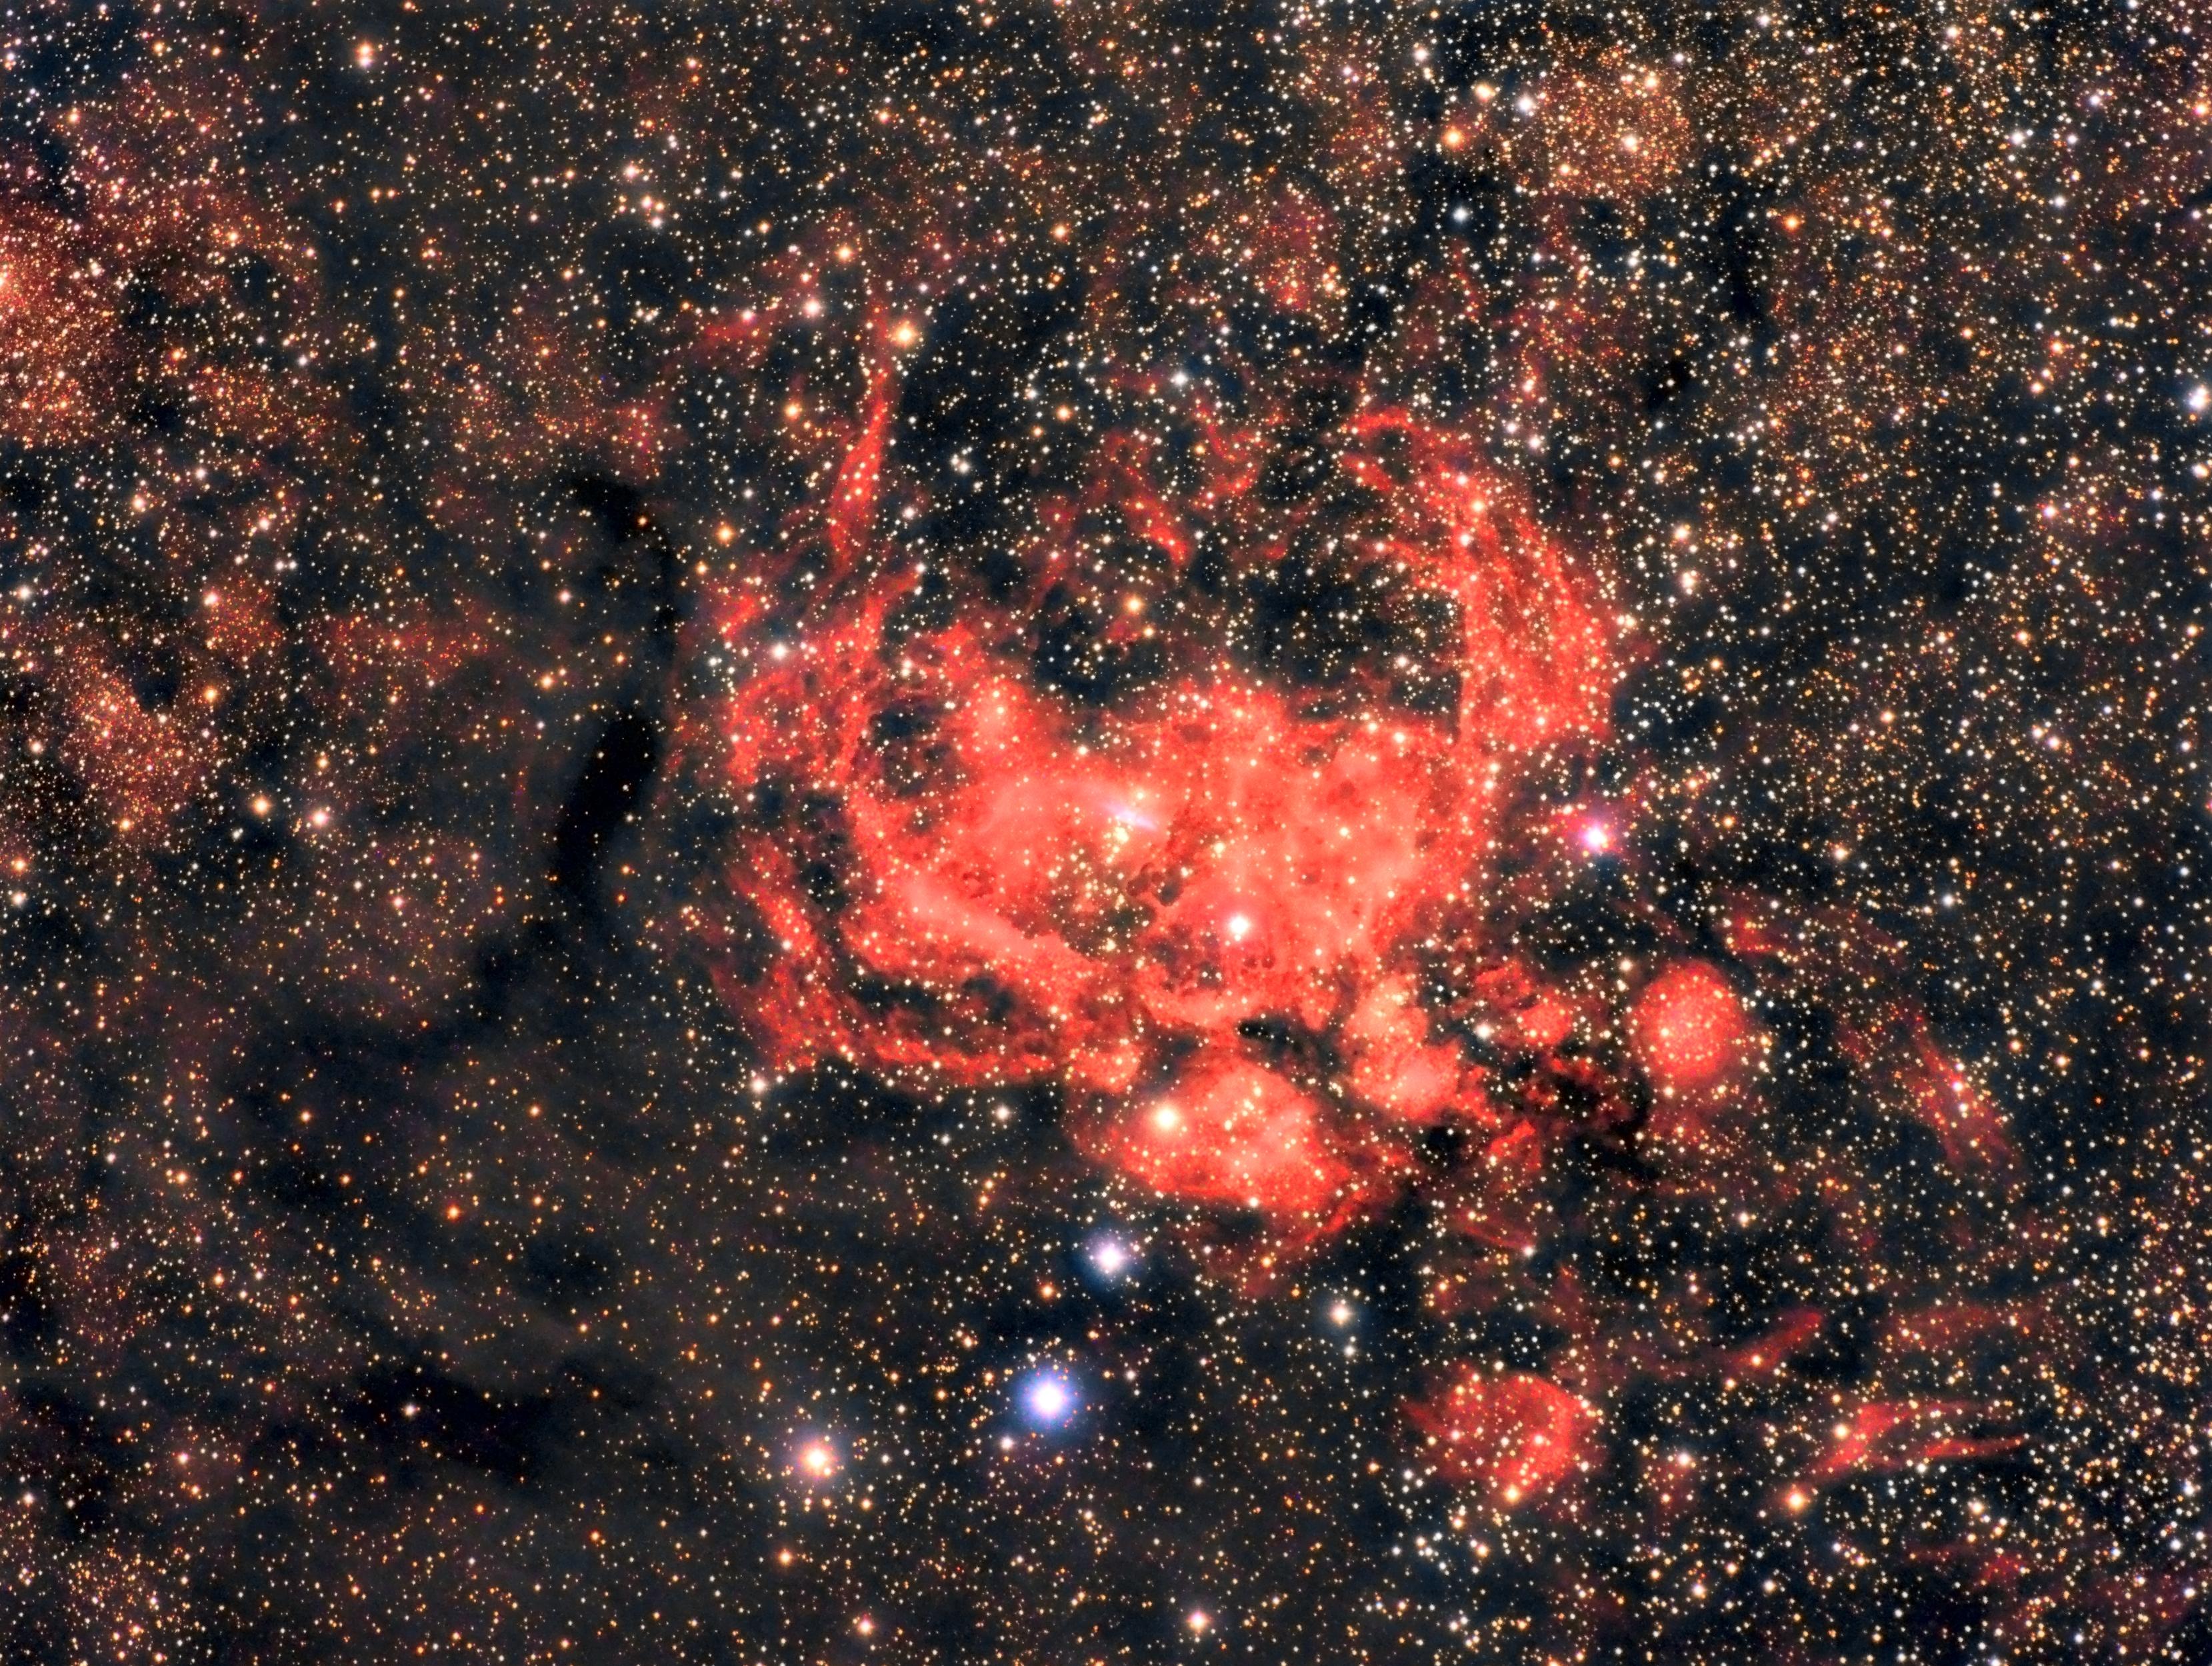 NGC6537